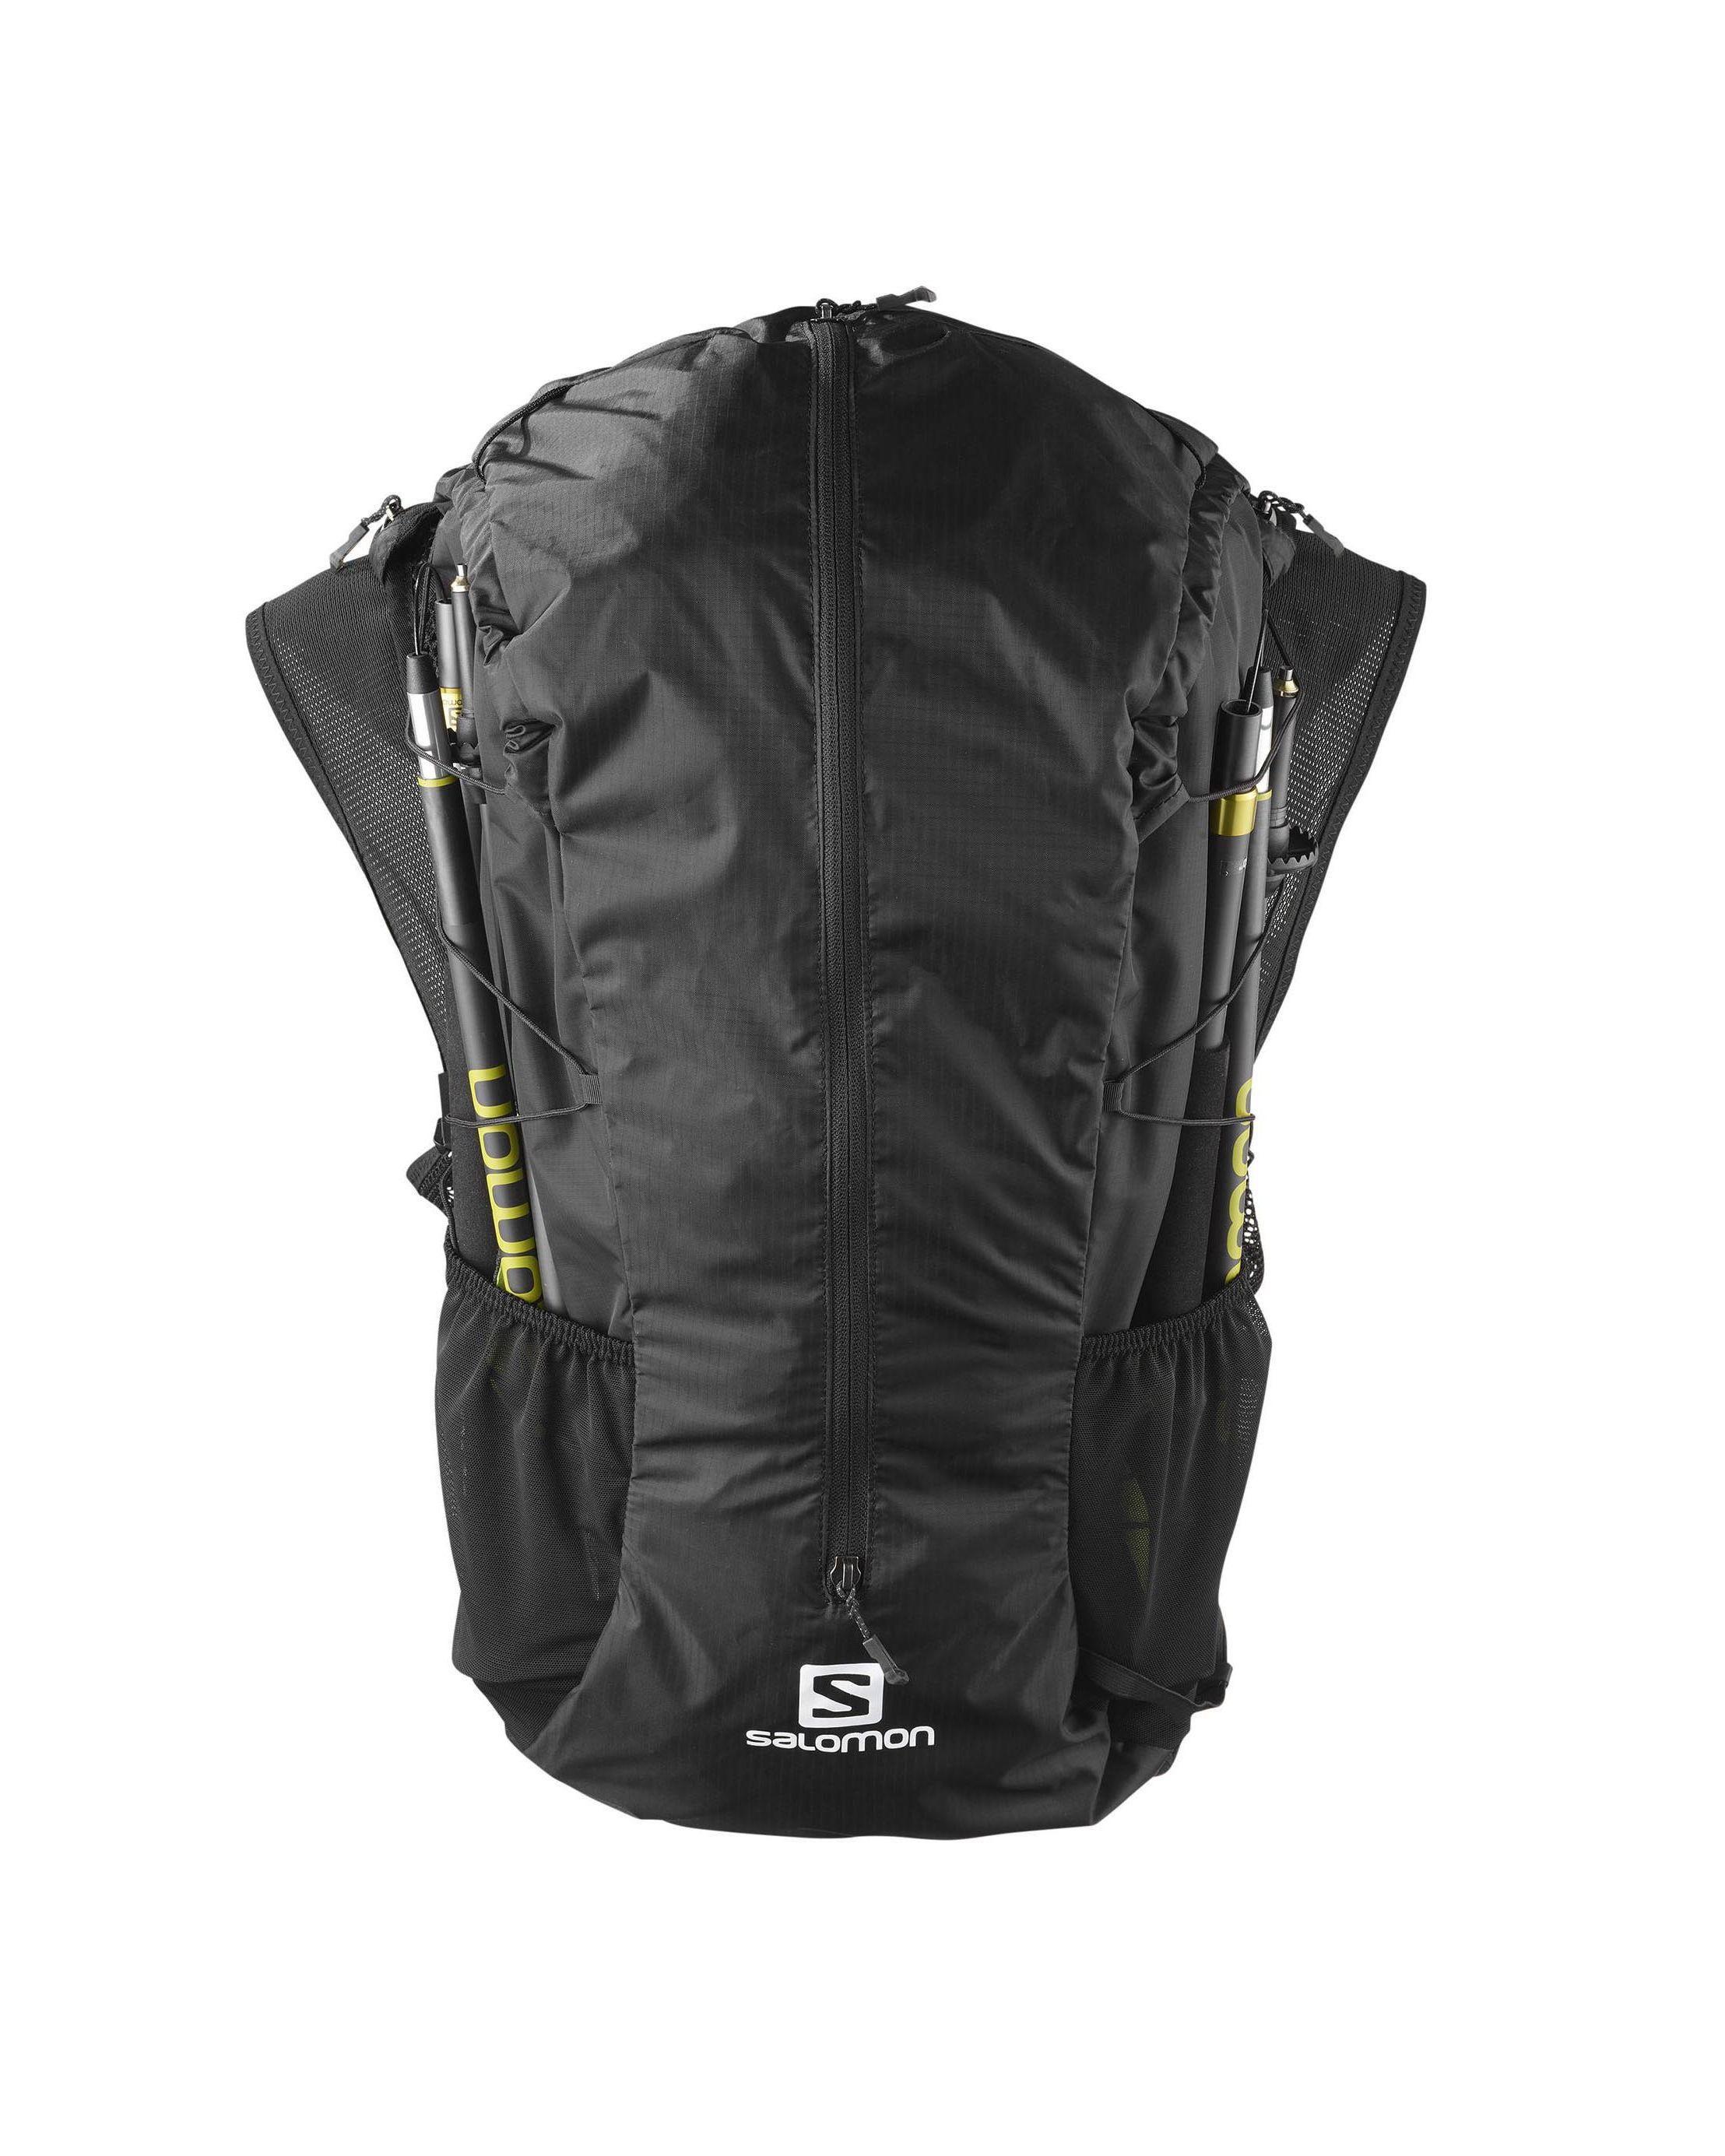 Best Running Backpack, Salomon £120.95